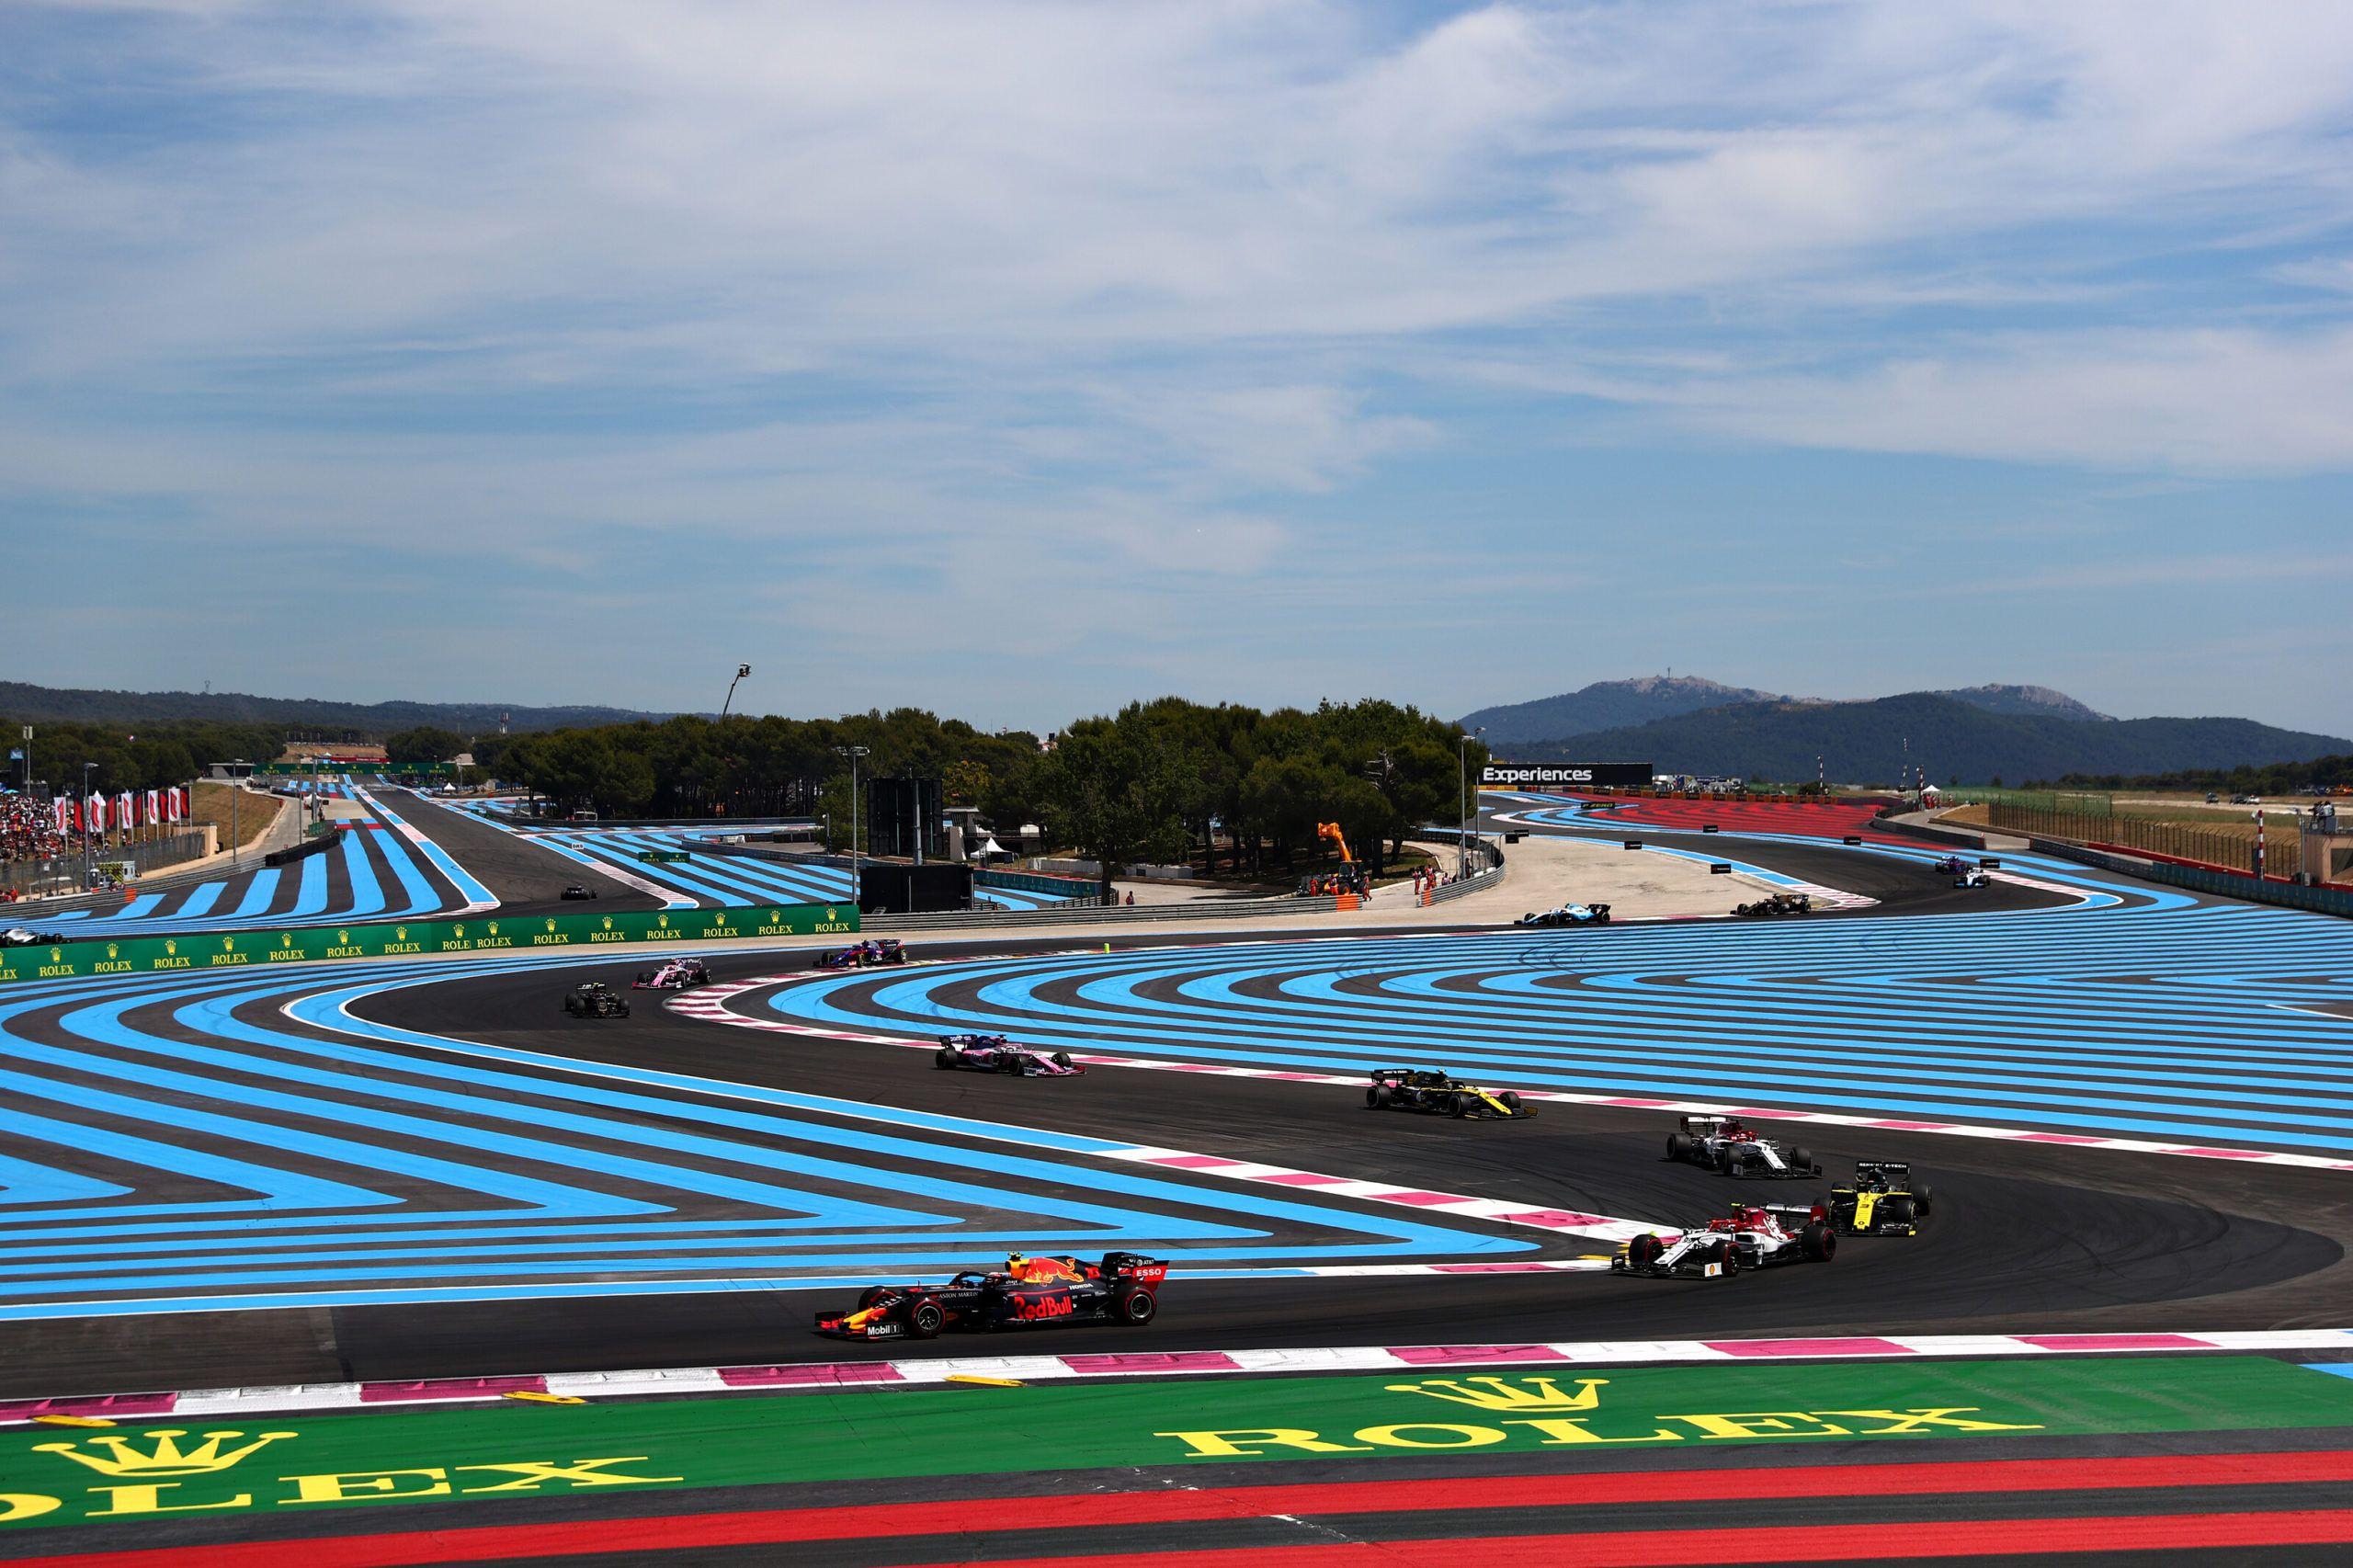 F1, FIA, French GP